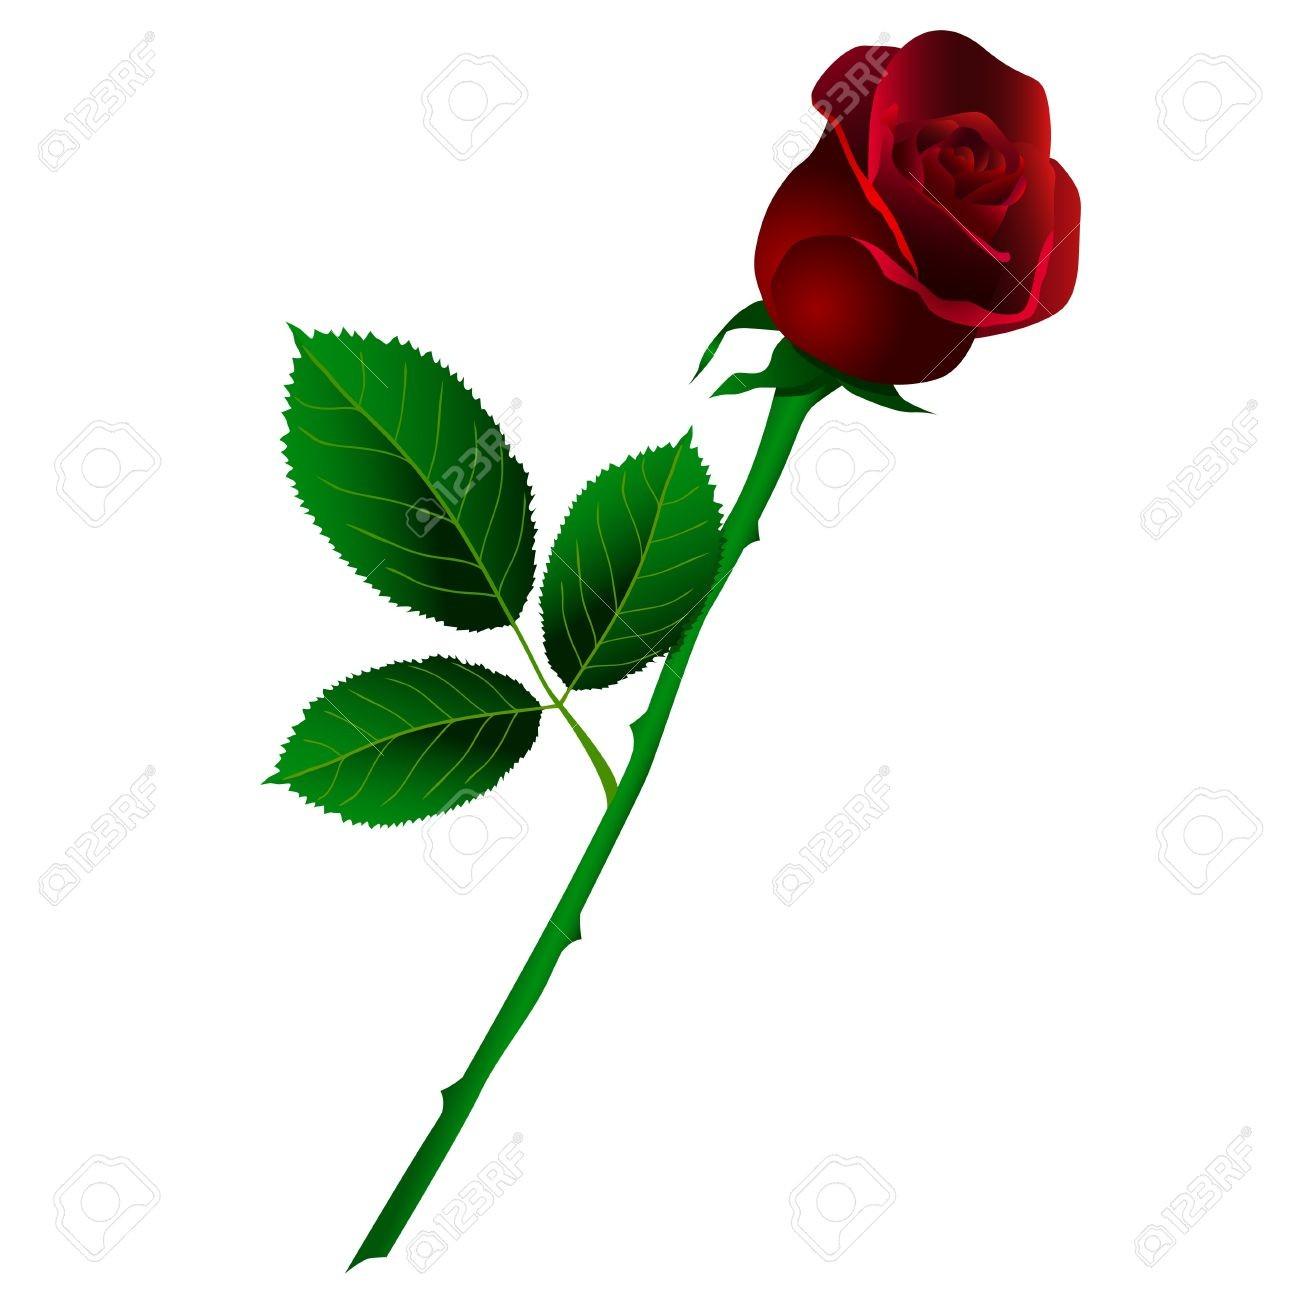 1300x1300 Long Stem Roses Flower Rose Drawing At Getdrawings Com Free